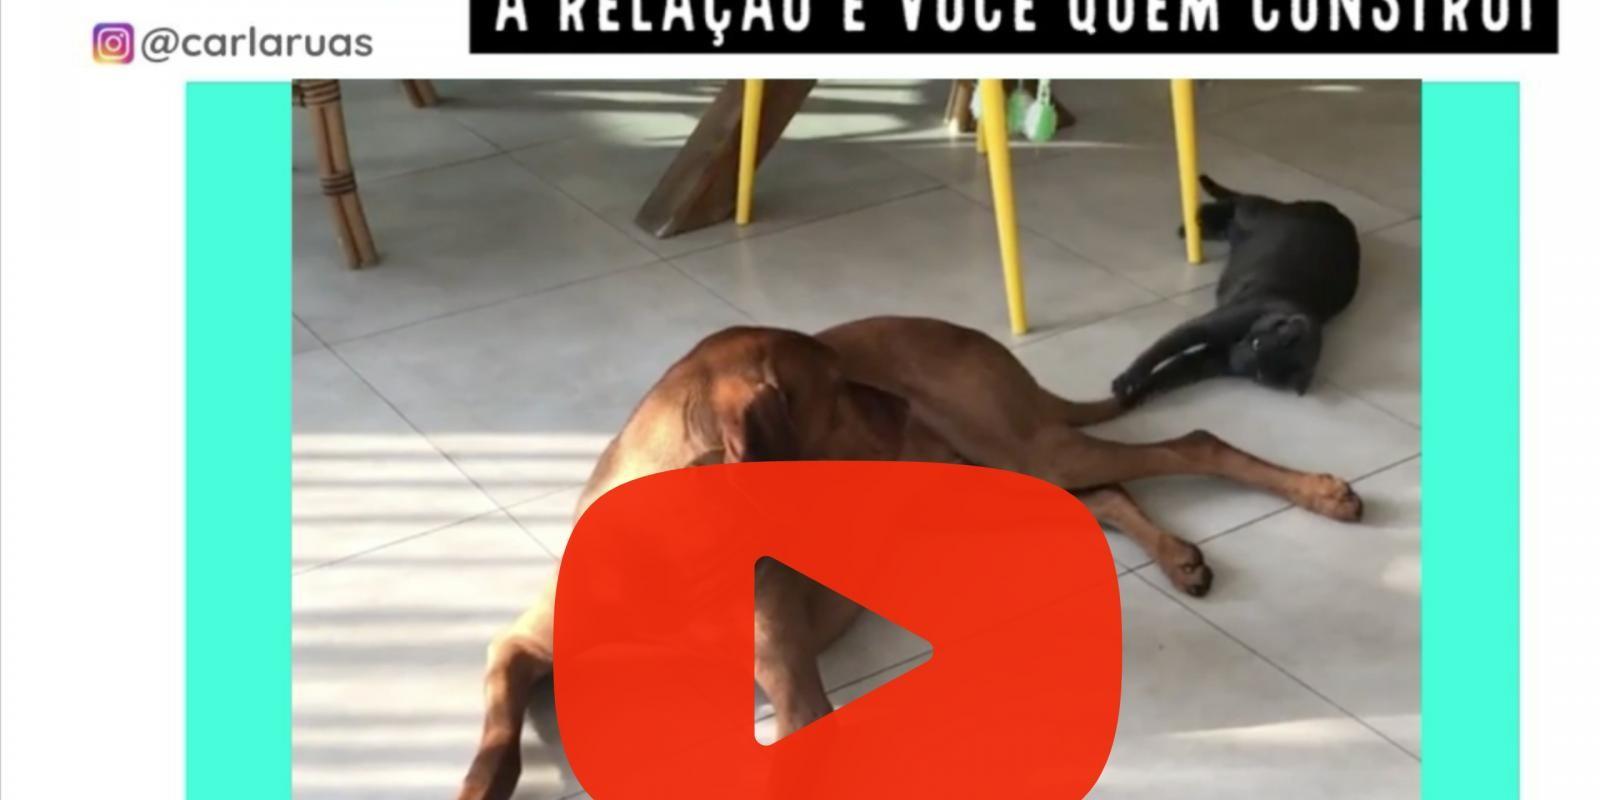 Lambeijos, Carla Ruas - Como cães e gatos podem ser amigos?